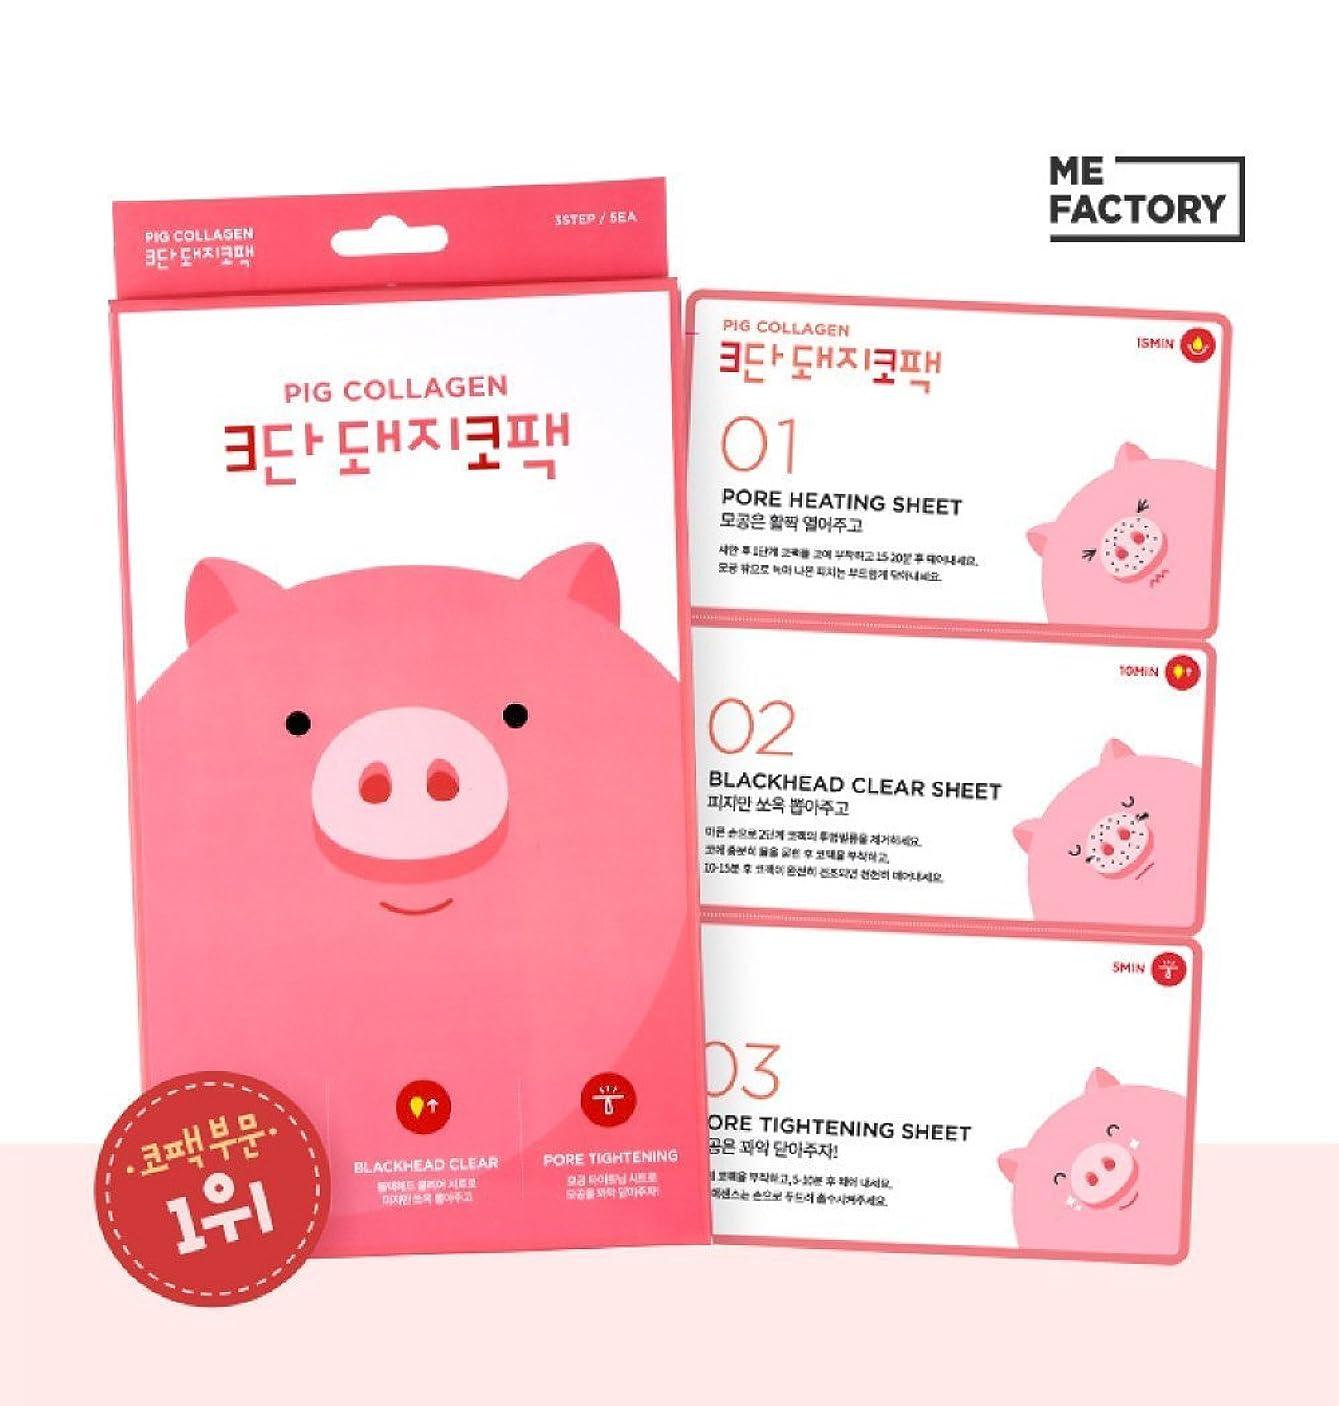 バンクデッキリード【米ファクトリー/ me factory]韓国化粧品/ Me Factory Pig Collagen 3 Step Kit Pig Nose Mask Pack X 5 Piece/米ファクトリー3段豚コペク(5枚)フィジー削除、コペクおすすめ+[Sample Gift](海外直送品)